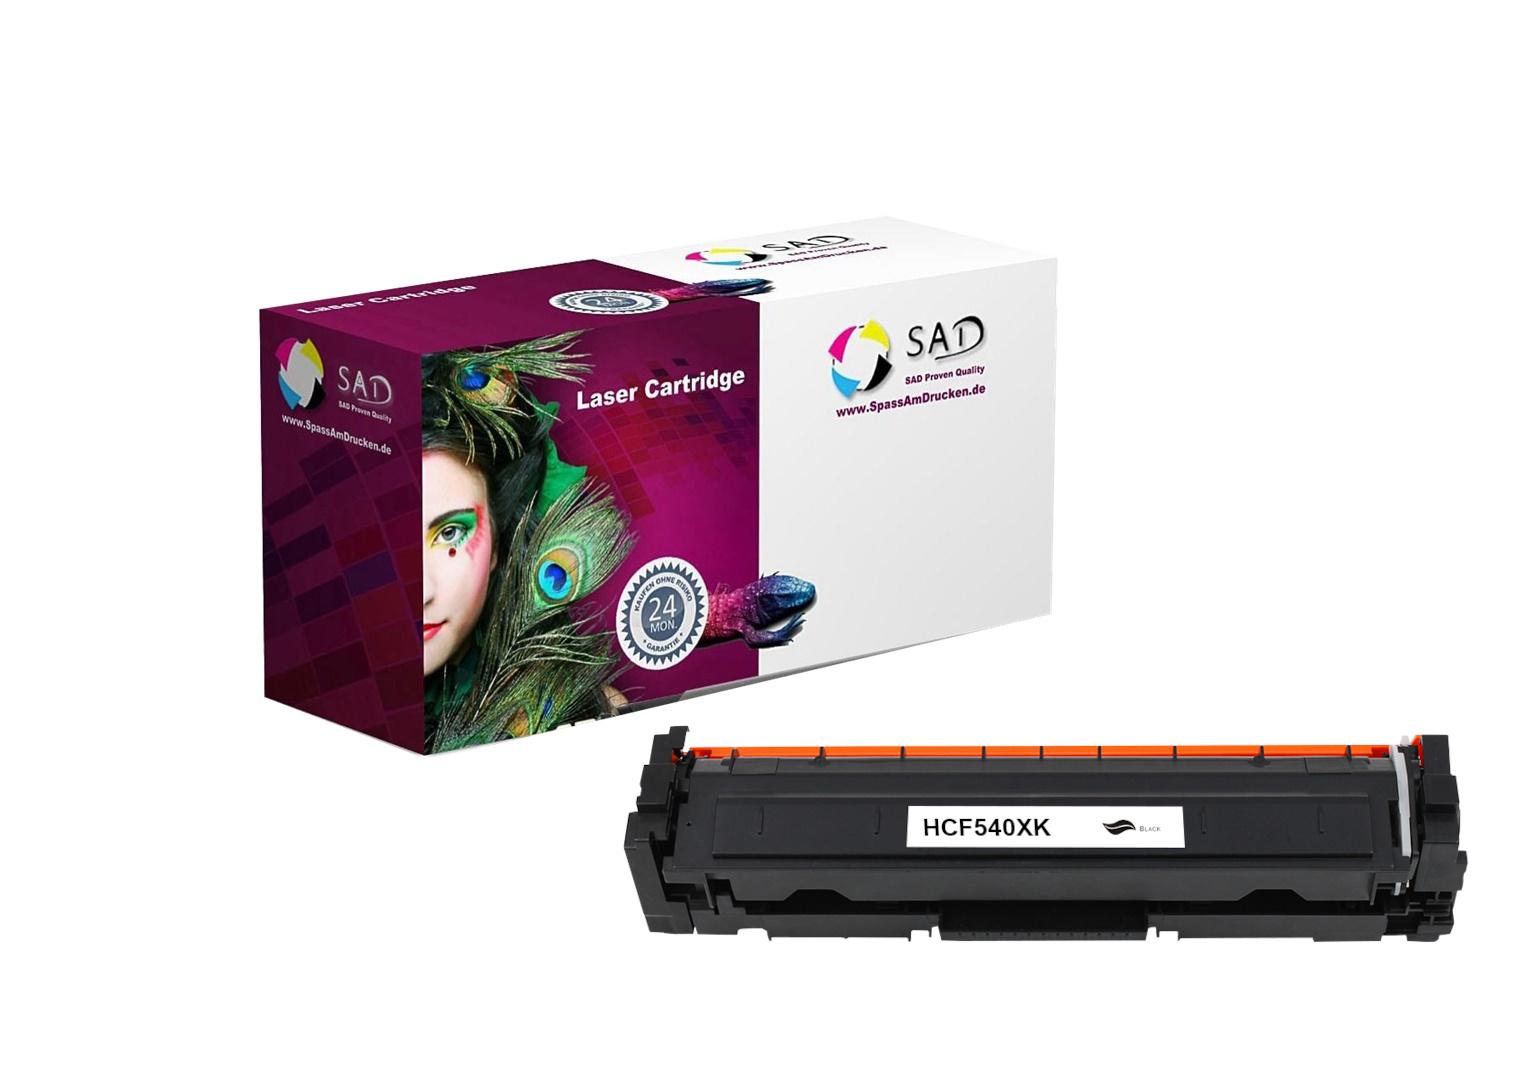 SAD Premium Toner komp. zu HP 203X - CF540X black für HP LaserJet Pro M254, HP LaserJet Pro M280, HP